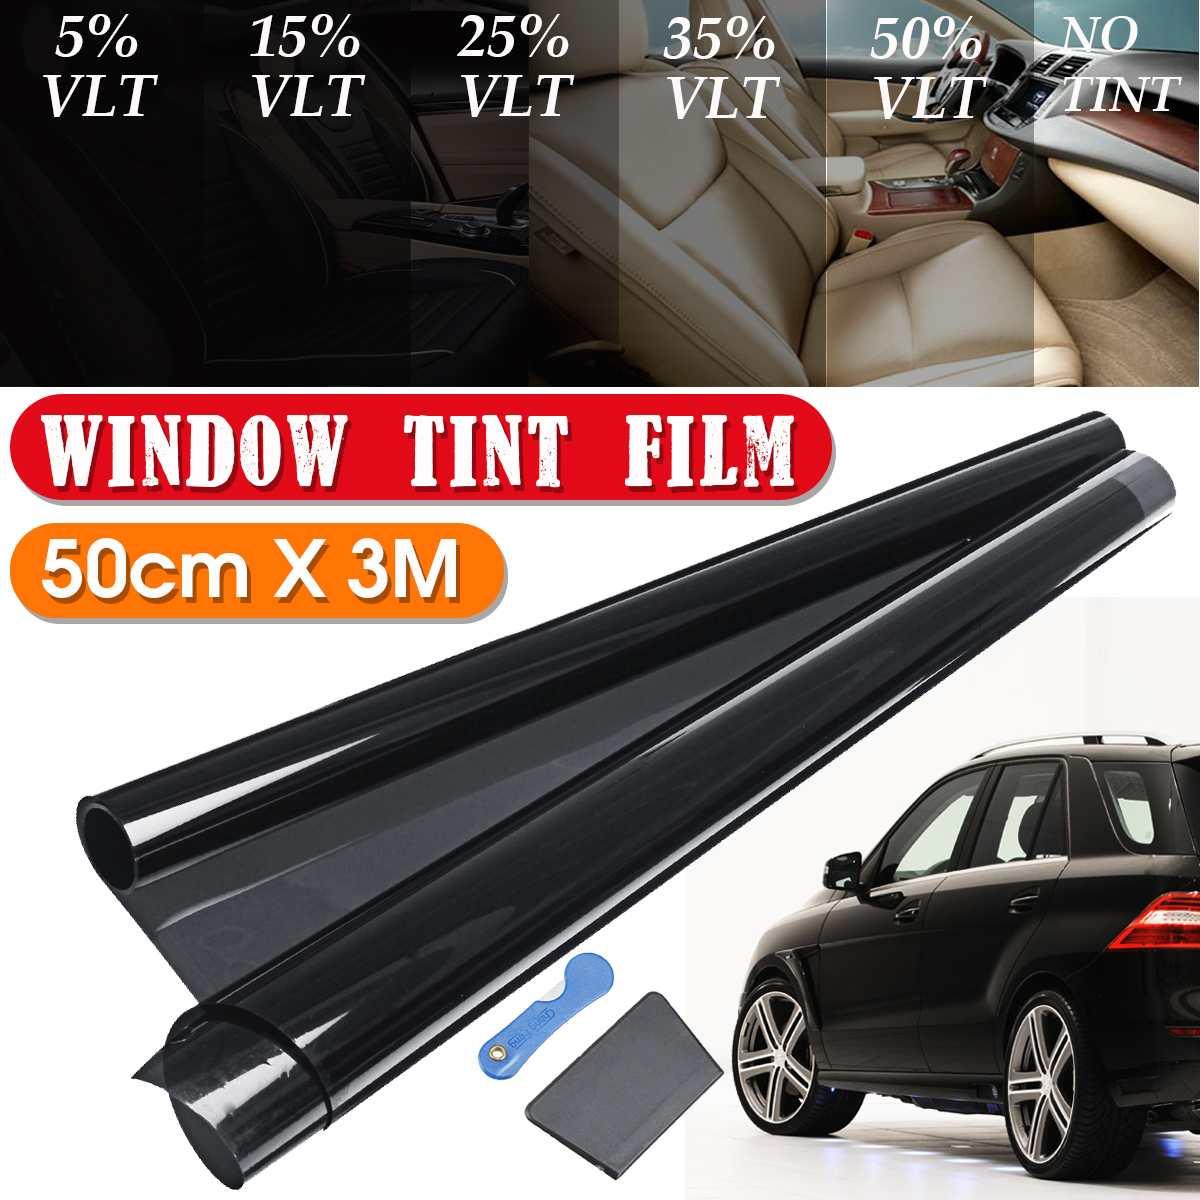 Черная Тонировочная пленка VLT для окон, 300x50 см, 5%-50%, для автомобилей, дома, окон, тонировка, рулон, защита от УФ-лучей, пленка